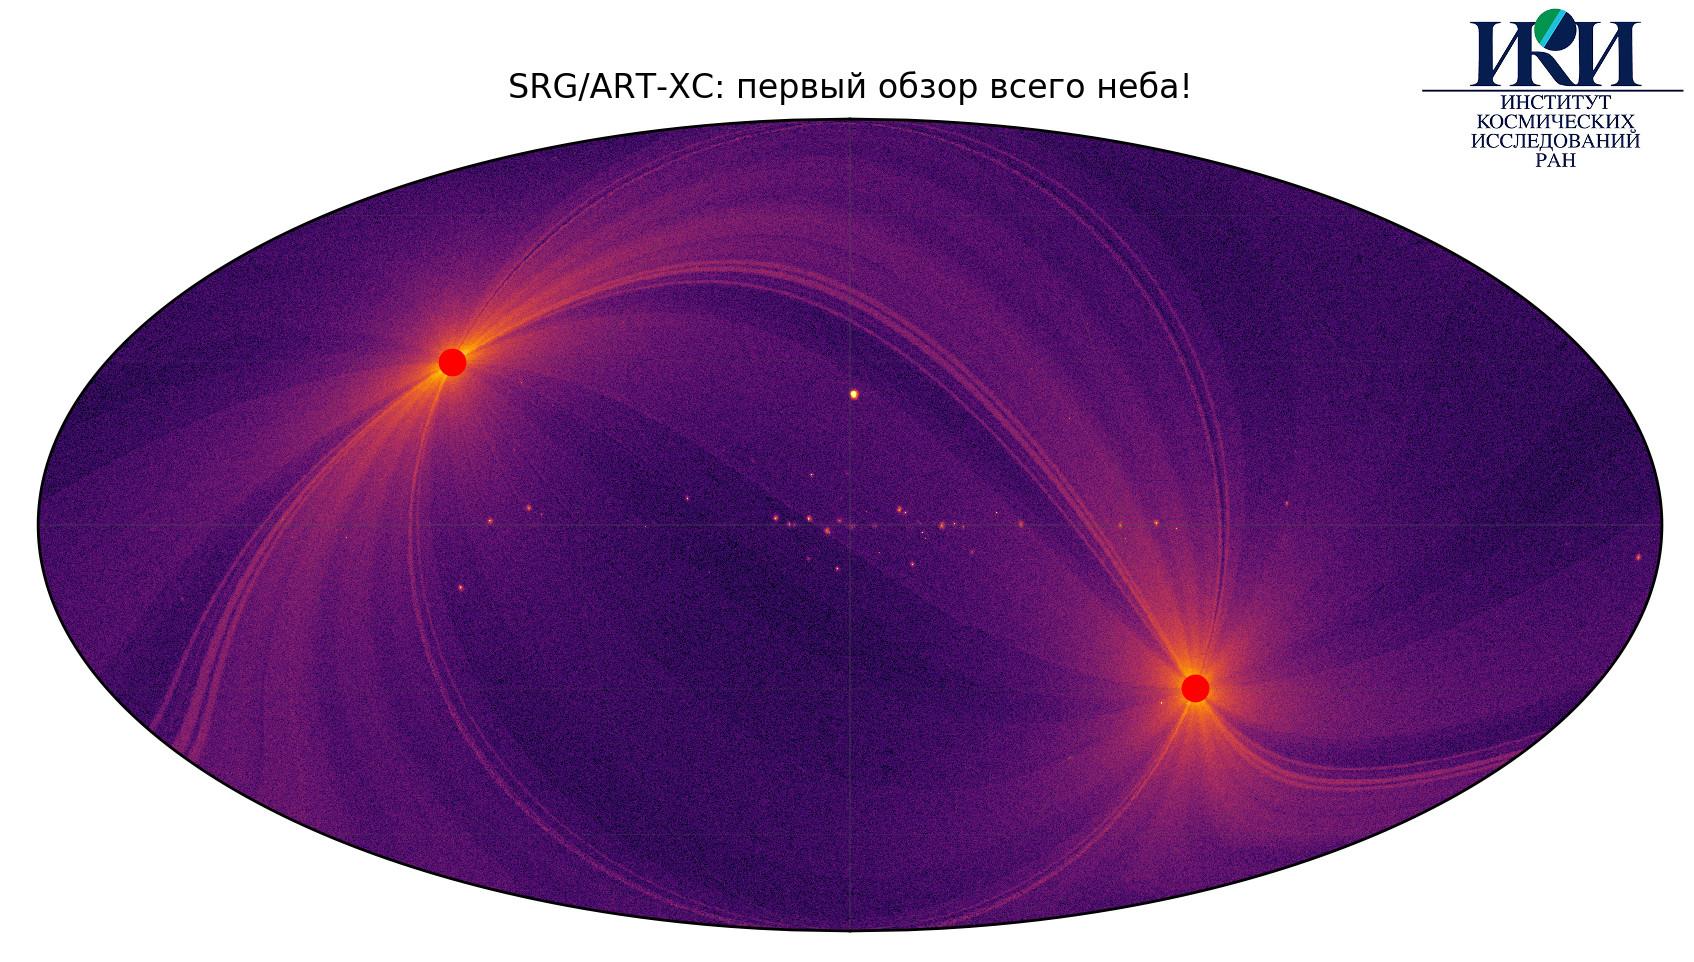 Карта всего неба в галактических координатах, полученная с помощью телескопа ART-XC в диапазоне энергий 4–12 кэВ 8.12.2019–10.06.2020. Отмечены все зарегистрированные события. Для данного изображения размер исходного пикселя был увеличен в сто раз, поэтому слабые источники скрыты фоном